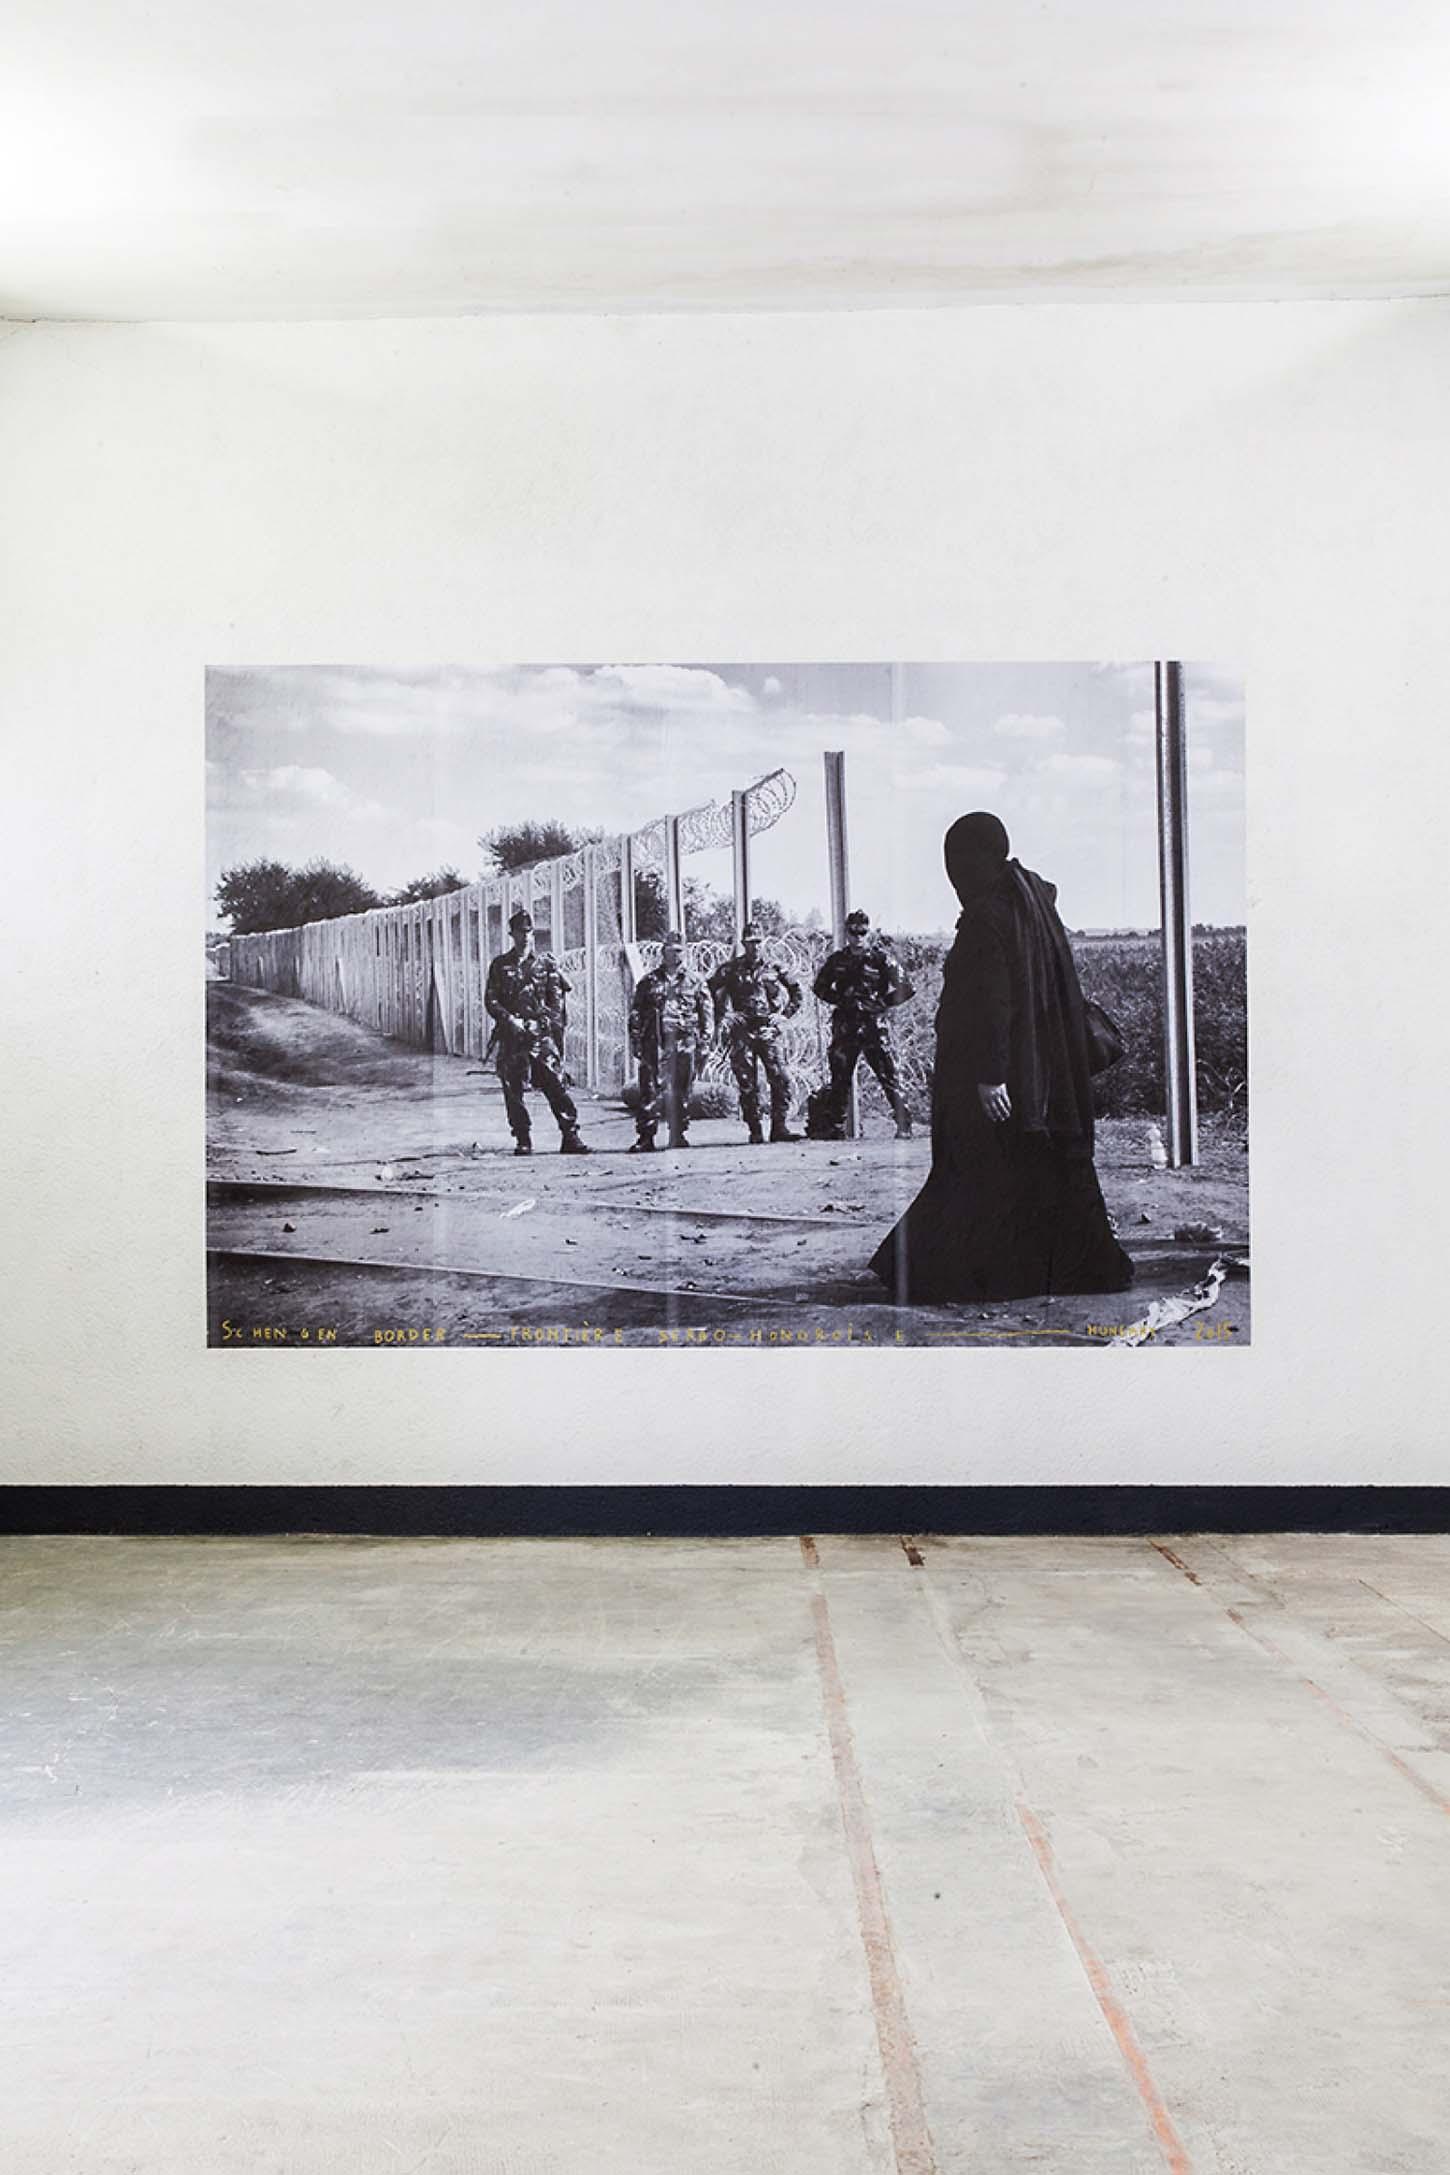 Louis Jammes, Schengen border, 2015Frontière serbo-hongroise, Tovarnik,Hongrie, affiche 400 x 300 cm